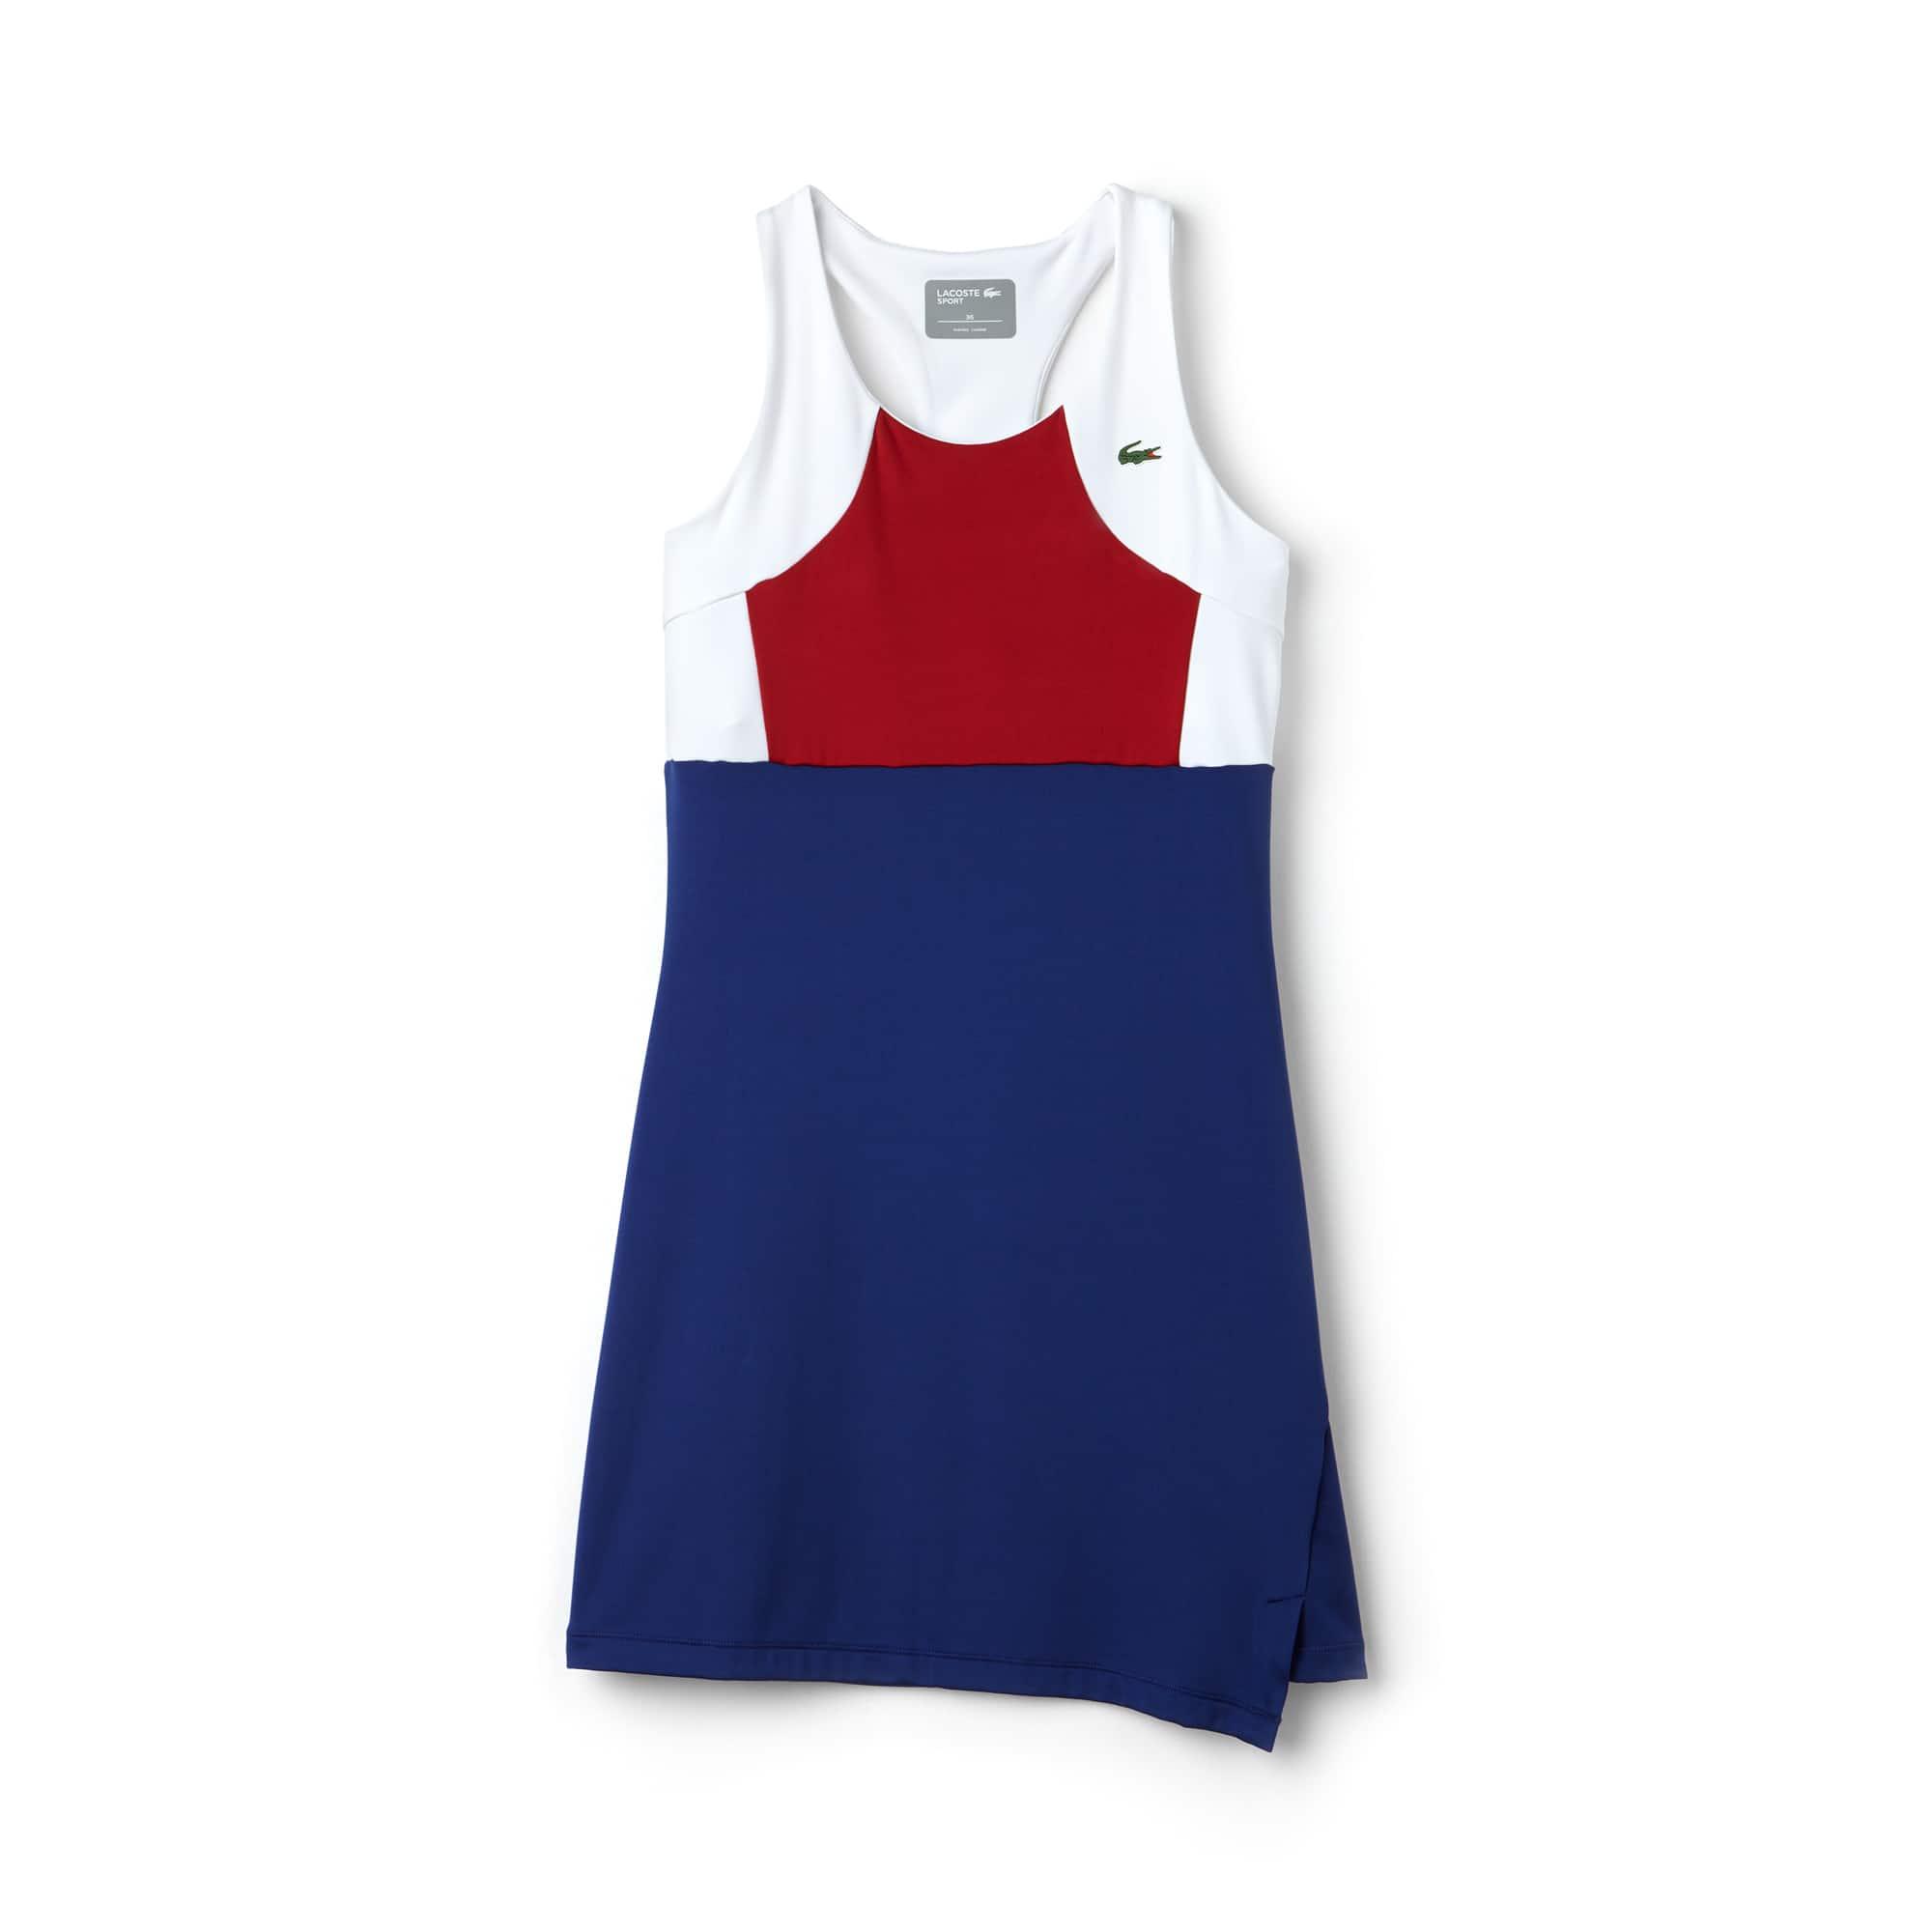 Women's Lacoste SPORT Tennis Colorblock Jersey Racerback Dress